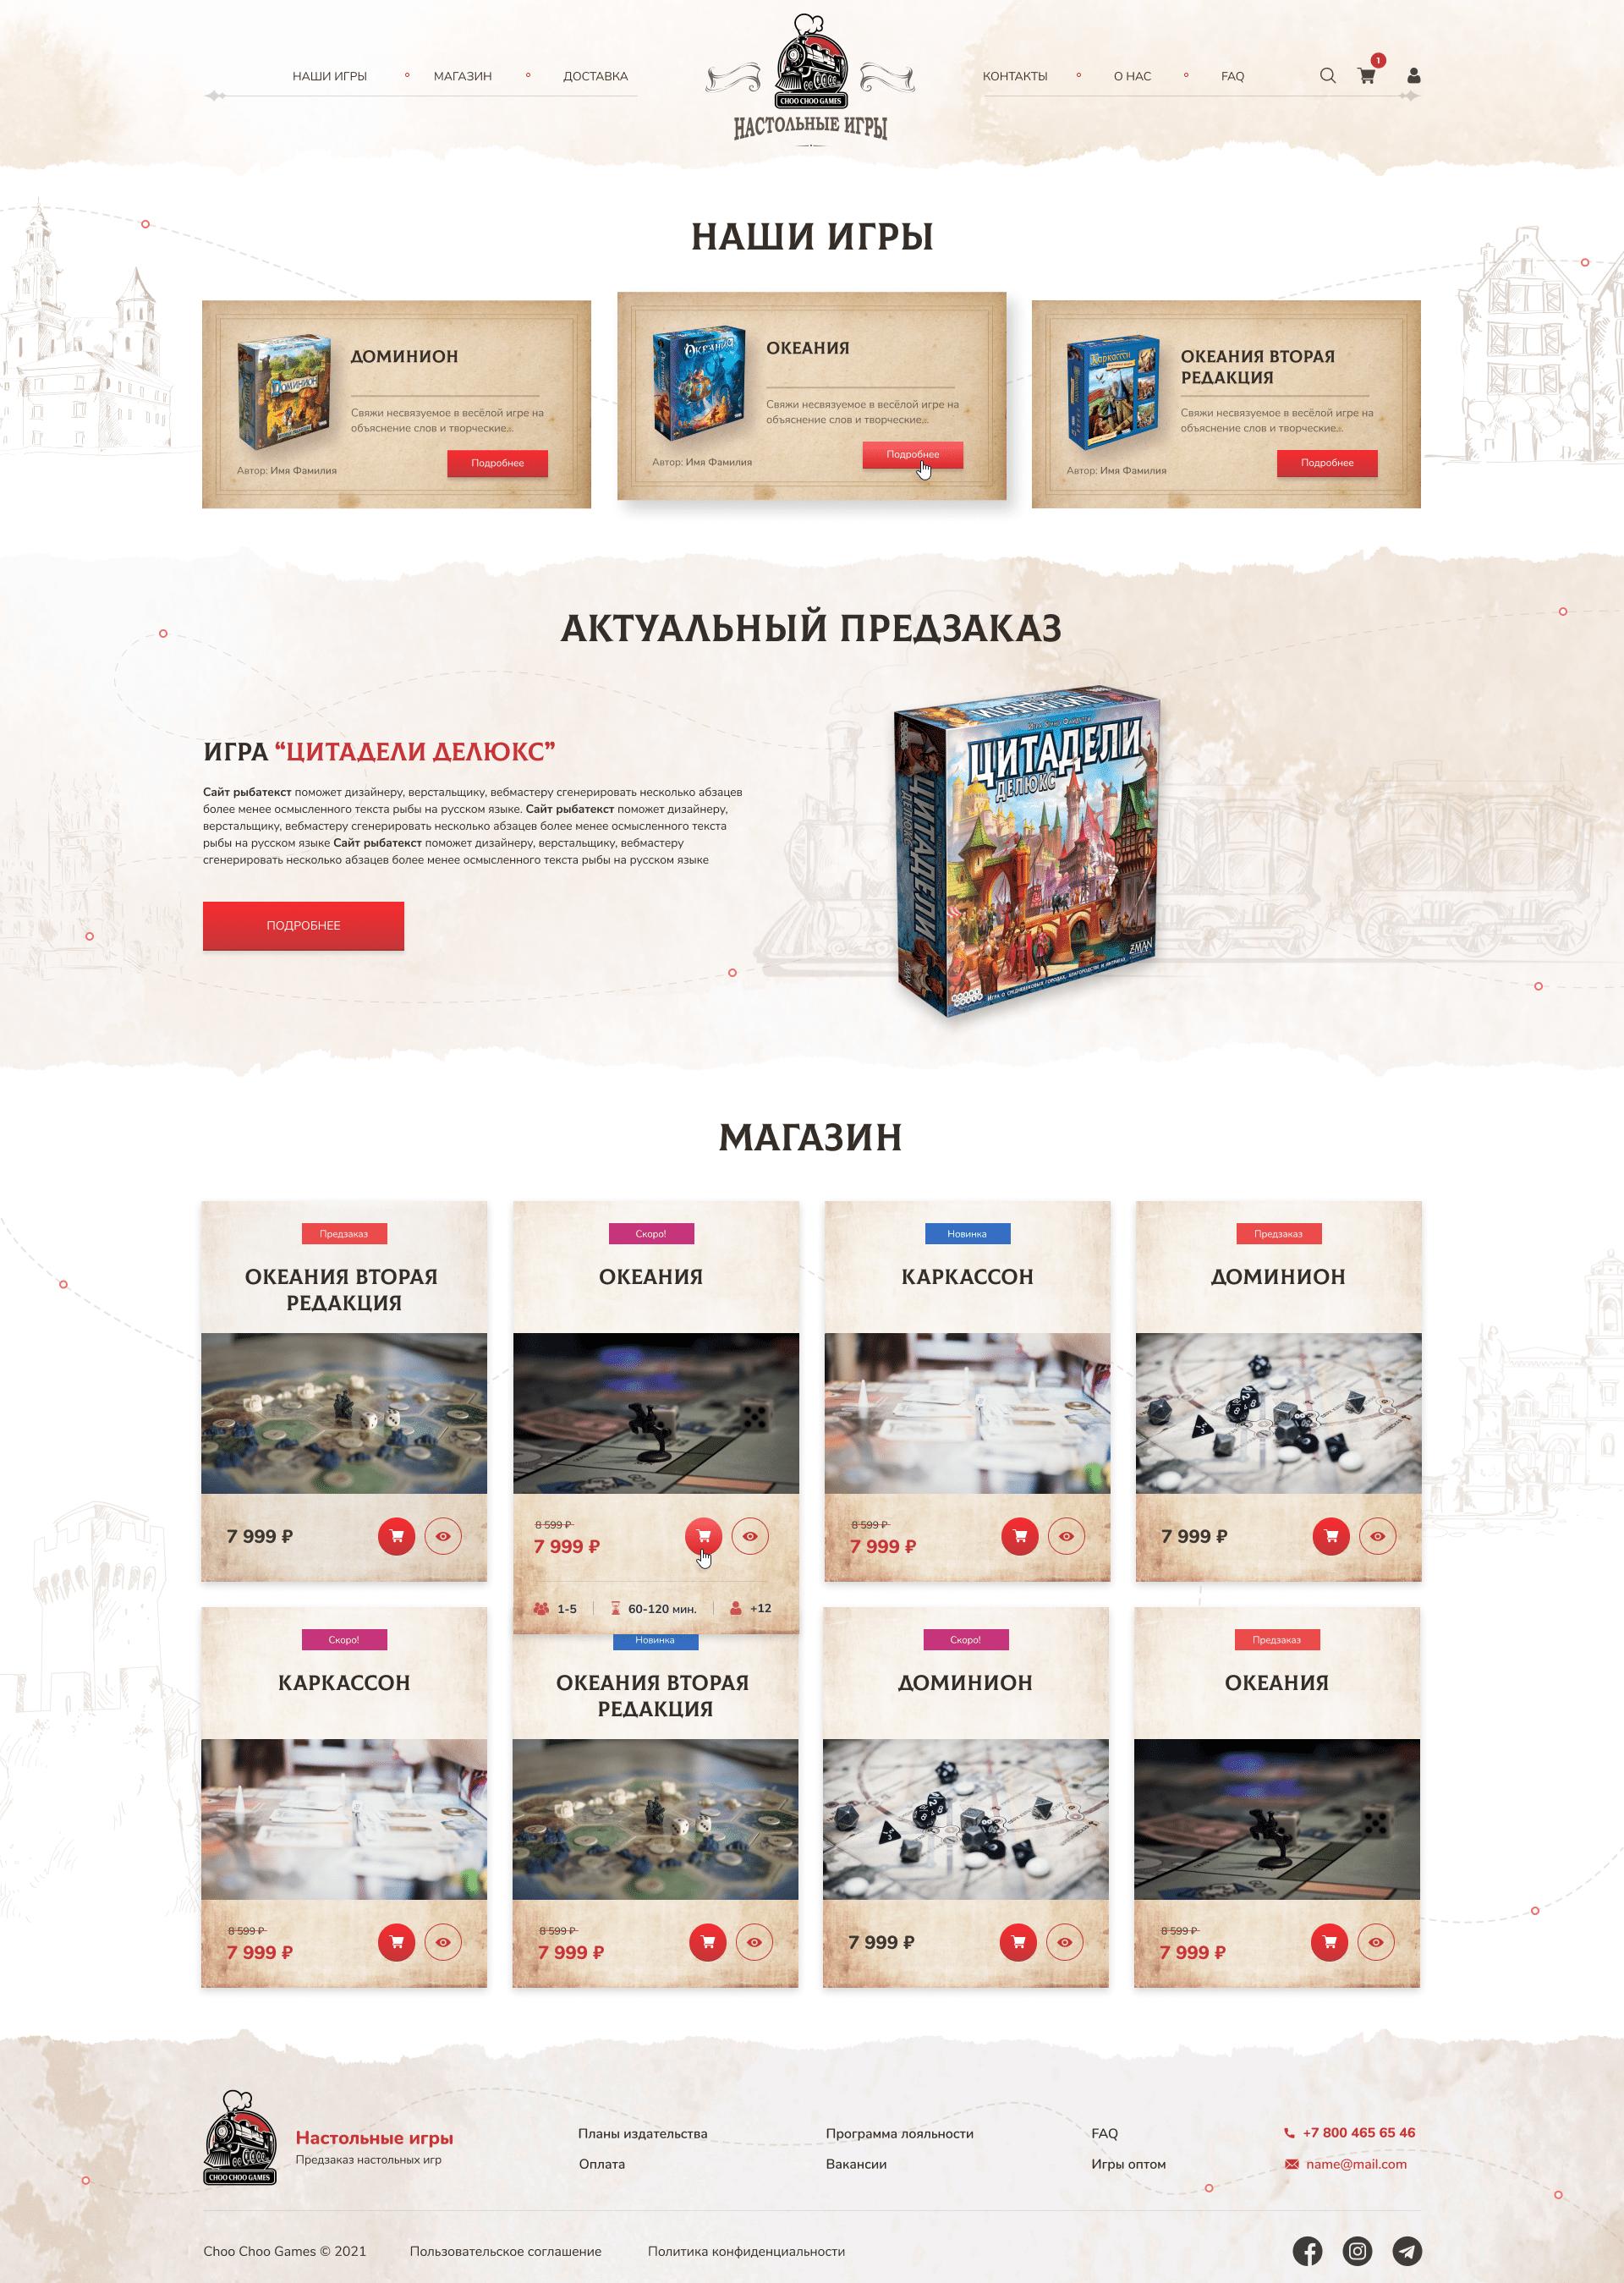 01_Homepage_Choo_Choo_Games_1.0